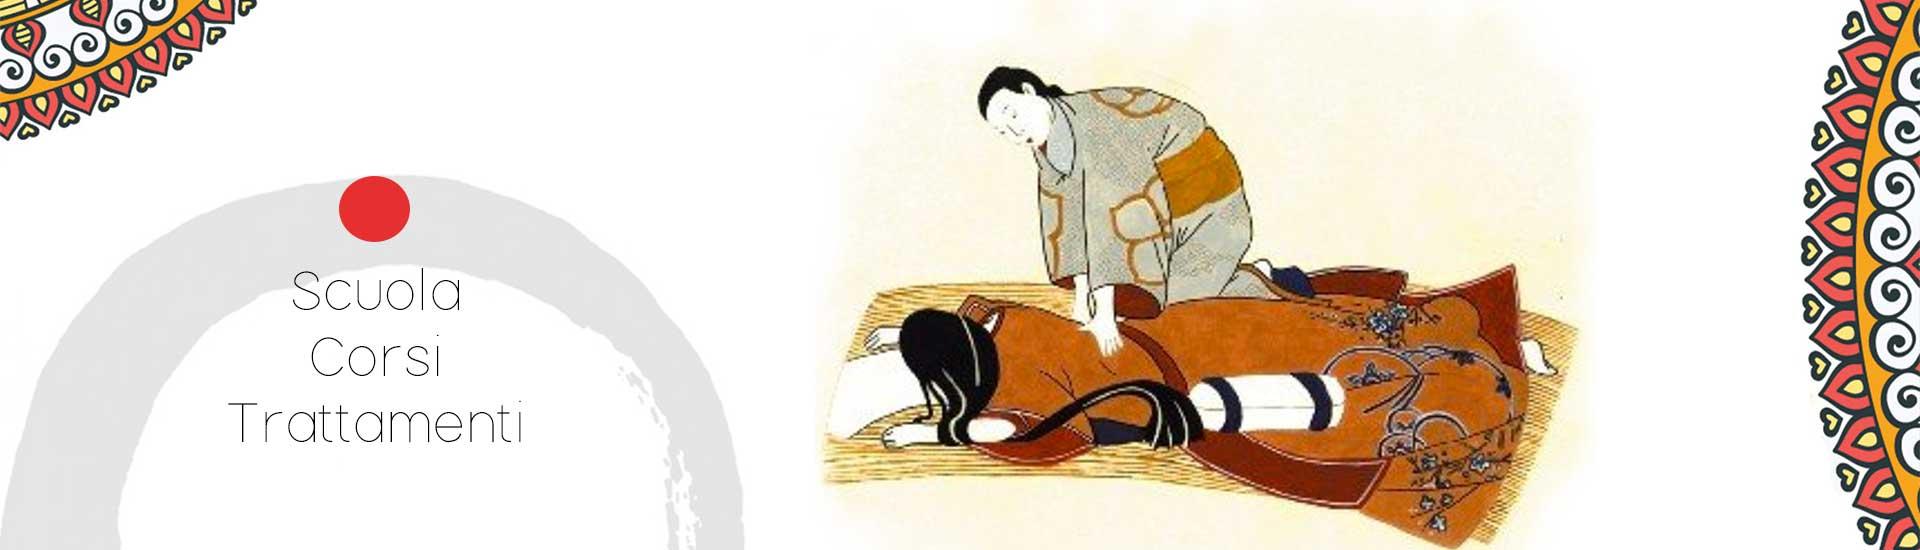 Shiatsu Araba Fenice: Scuola, Corsi, Trattamenti. Scopri la sede di Bologna